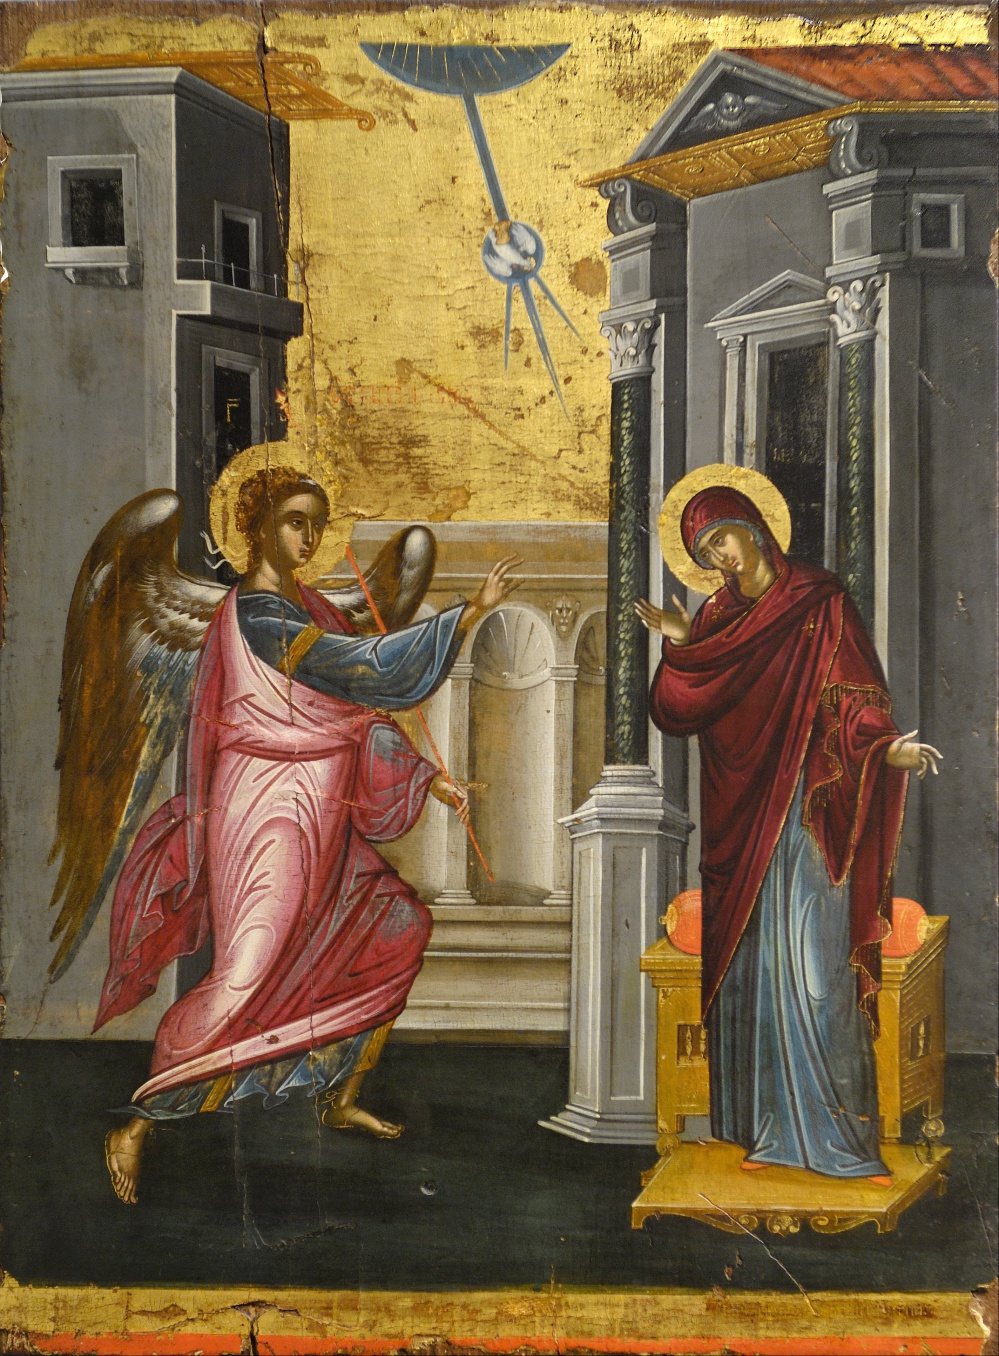 annunciation byzantine - Tzanfournaris_Emmanuel